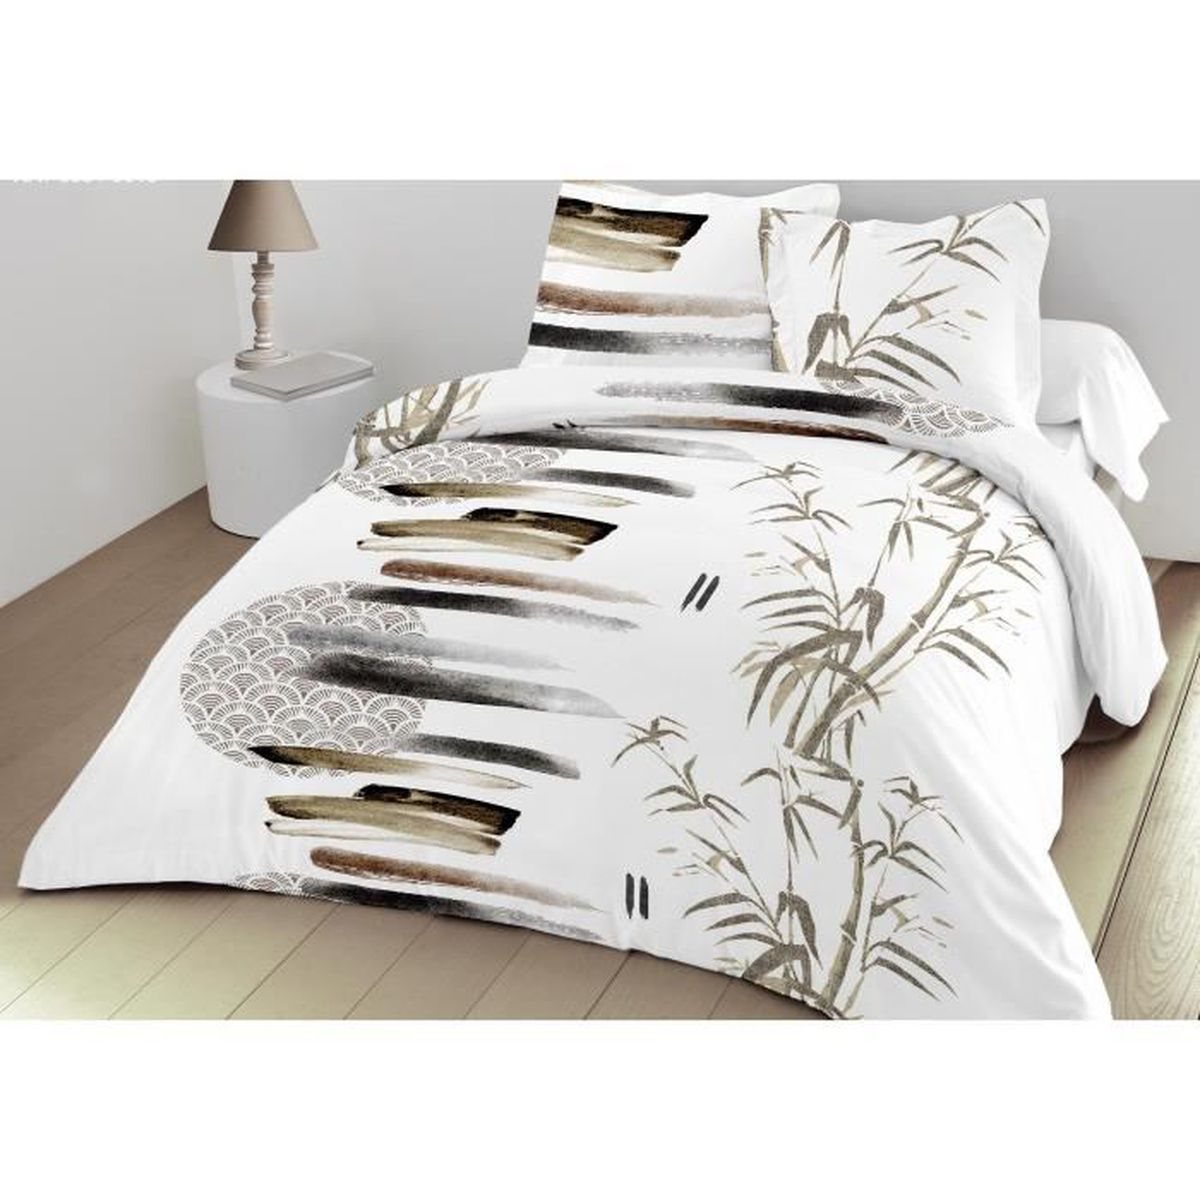 cheap parure housse de couette nature x taies with housse de couette 240x260 alinea. Black Bedroom Furniture Sets. Home Design Ideas